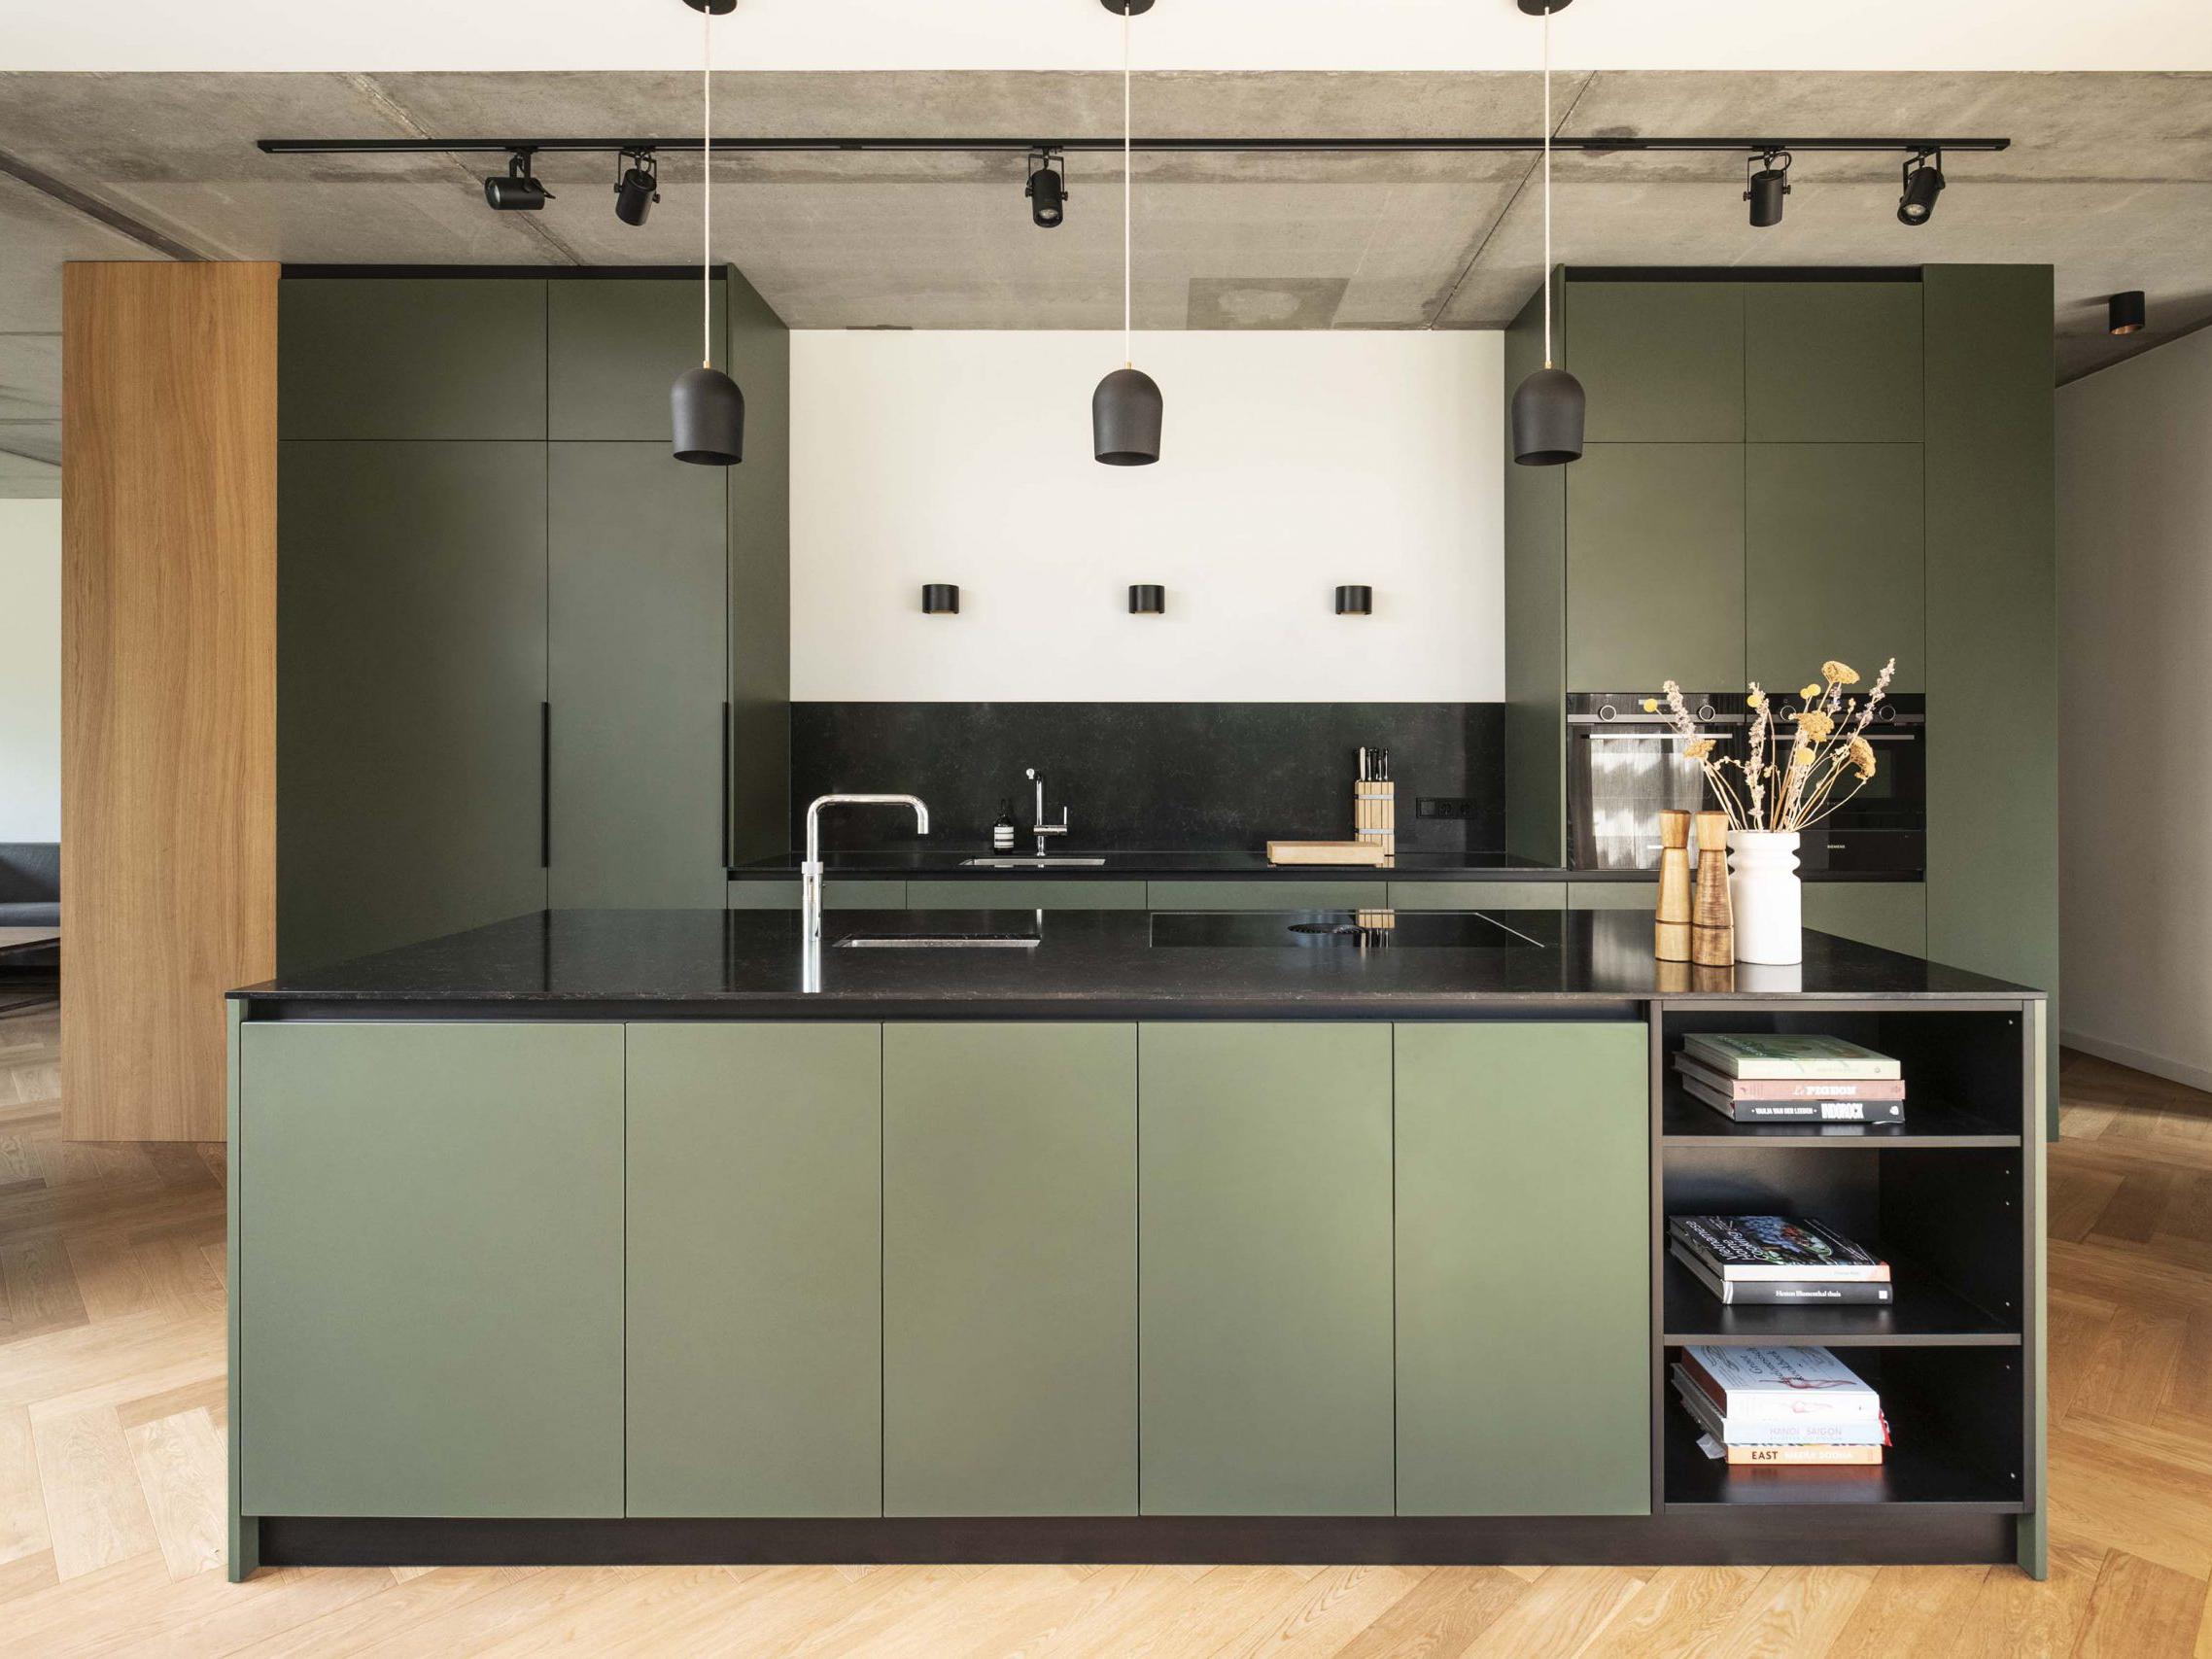 Stumpf & van Dongen - maatwerk keukens - maatwerk kasten - maatwerk meubels - maatwerk rotterdam - maatwerk interieur - meubelmaker